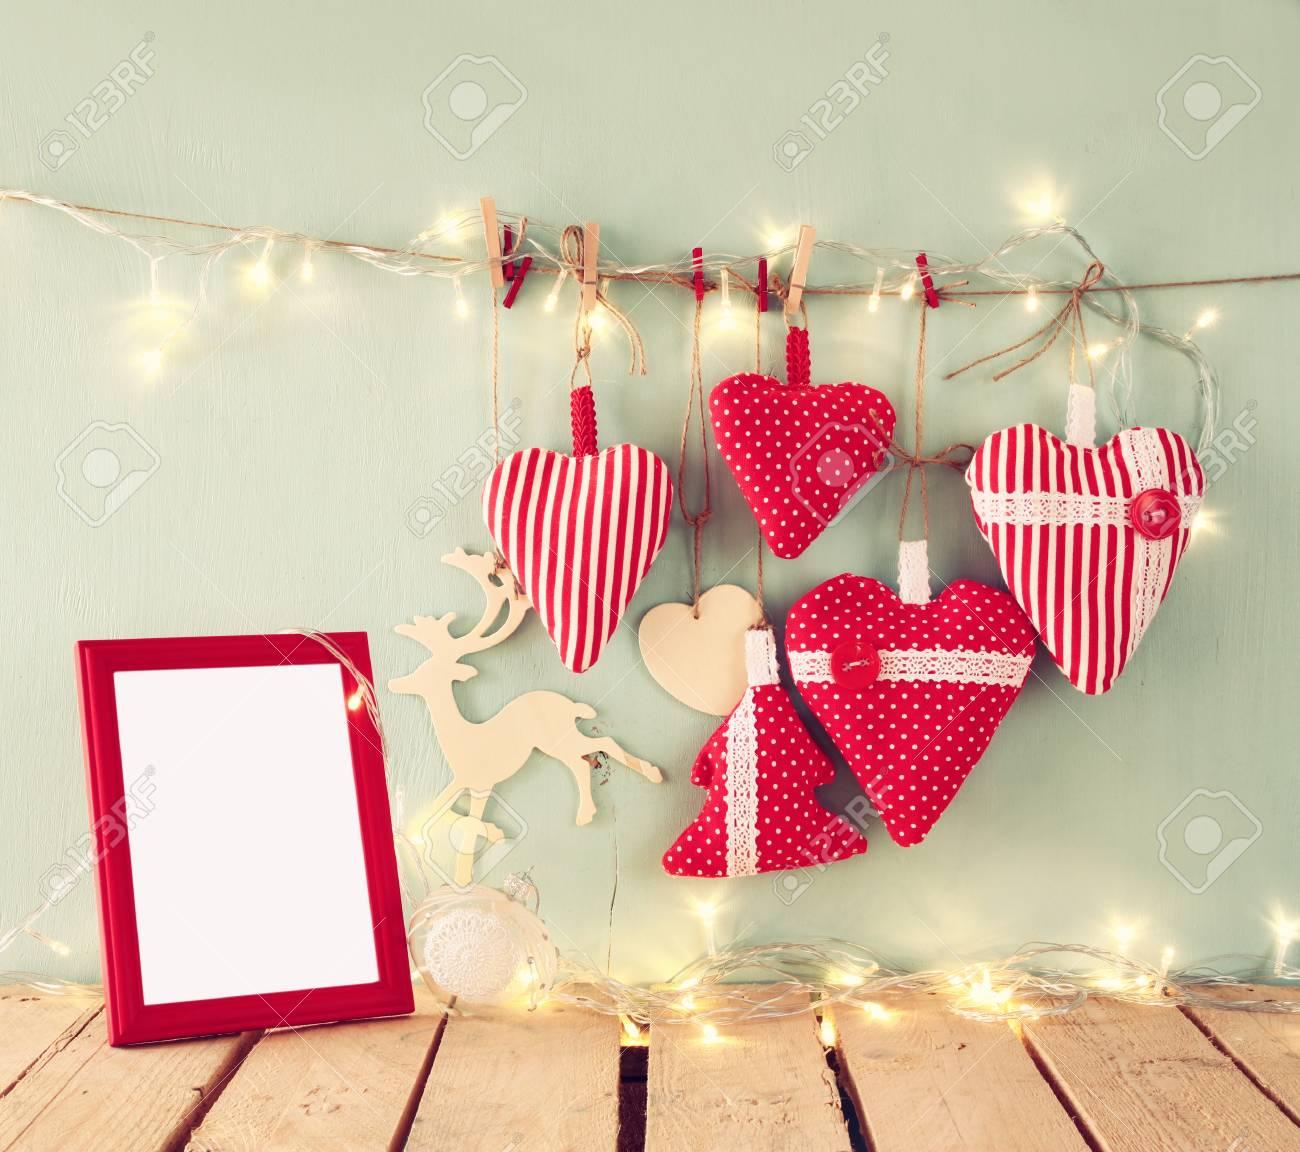 Weihnachten Bild Von Stoff Rote Herzen Und Leere Rahmen, Girlande ...